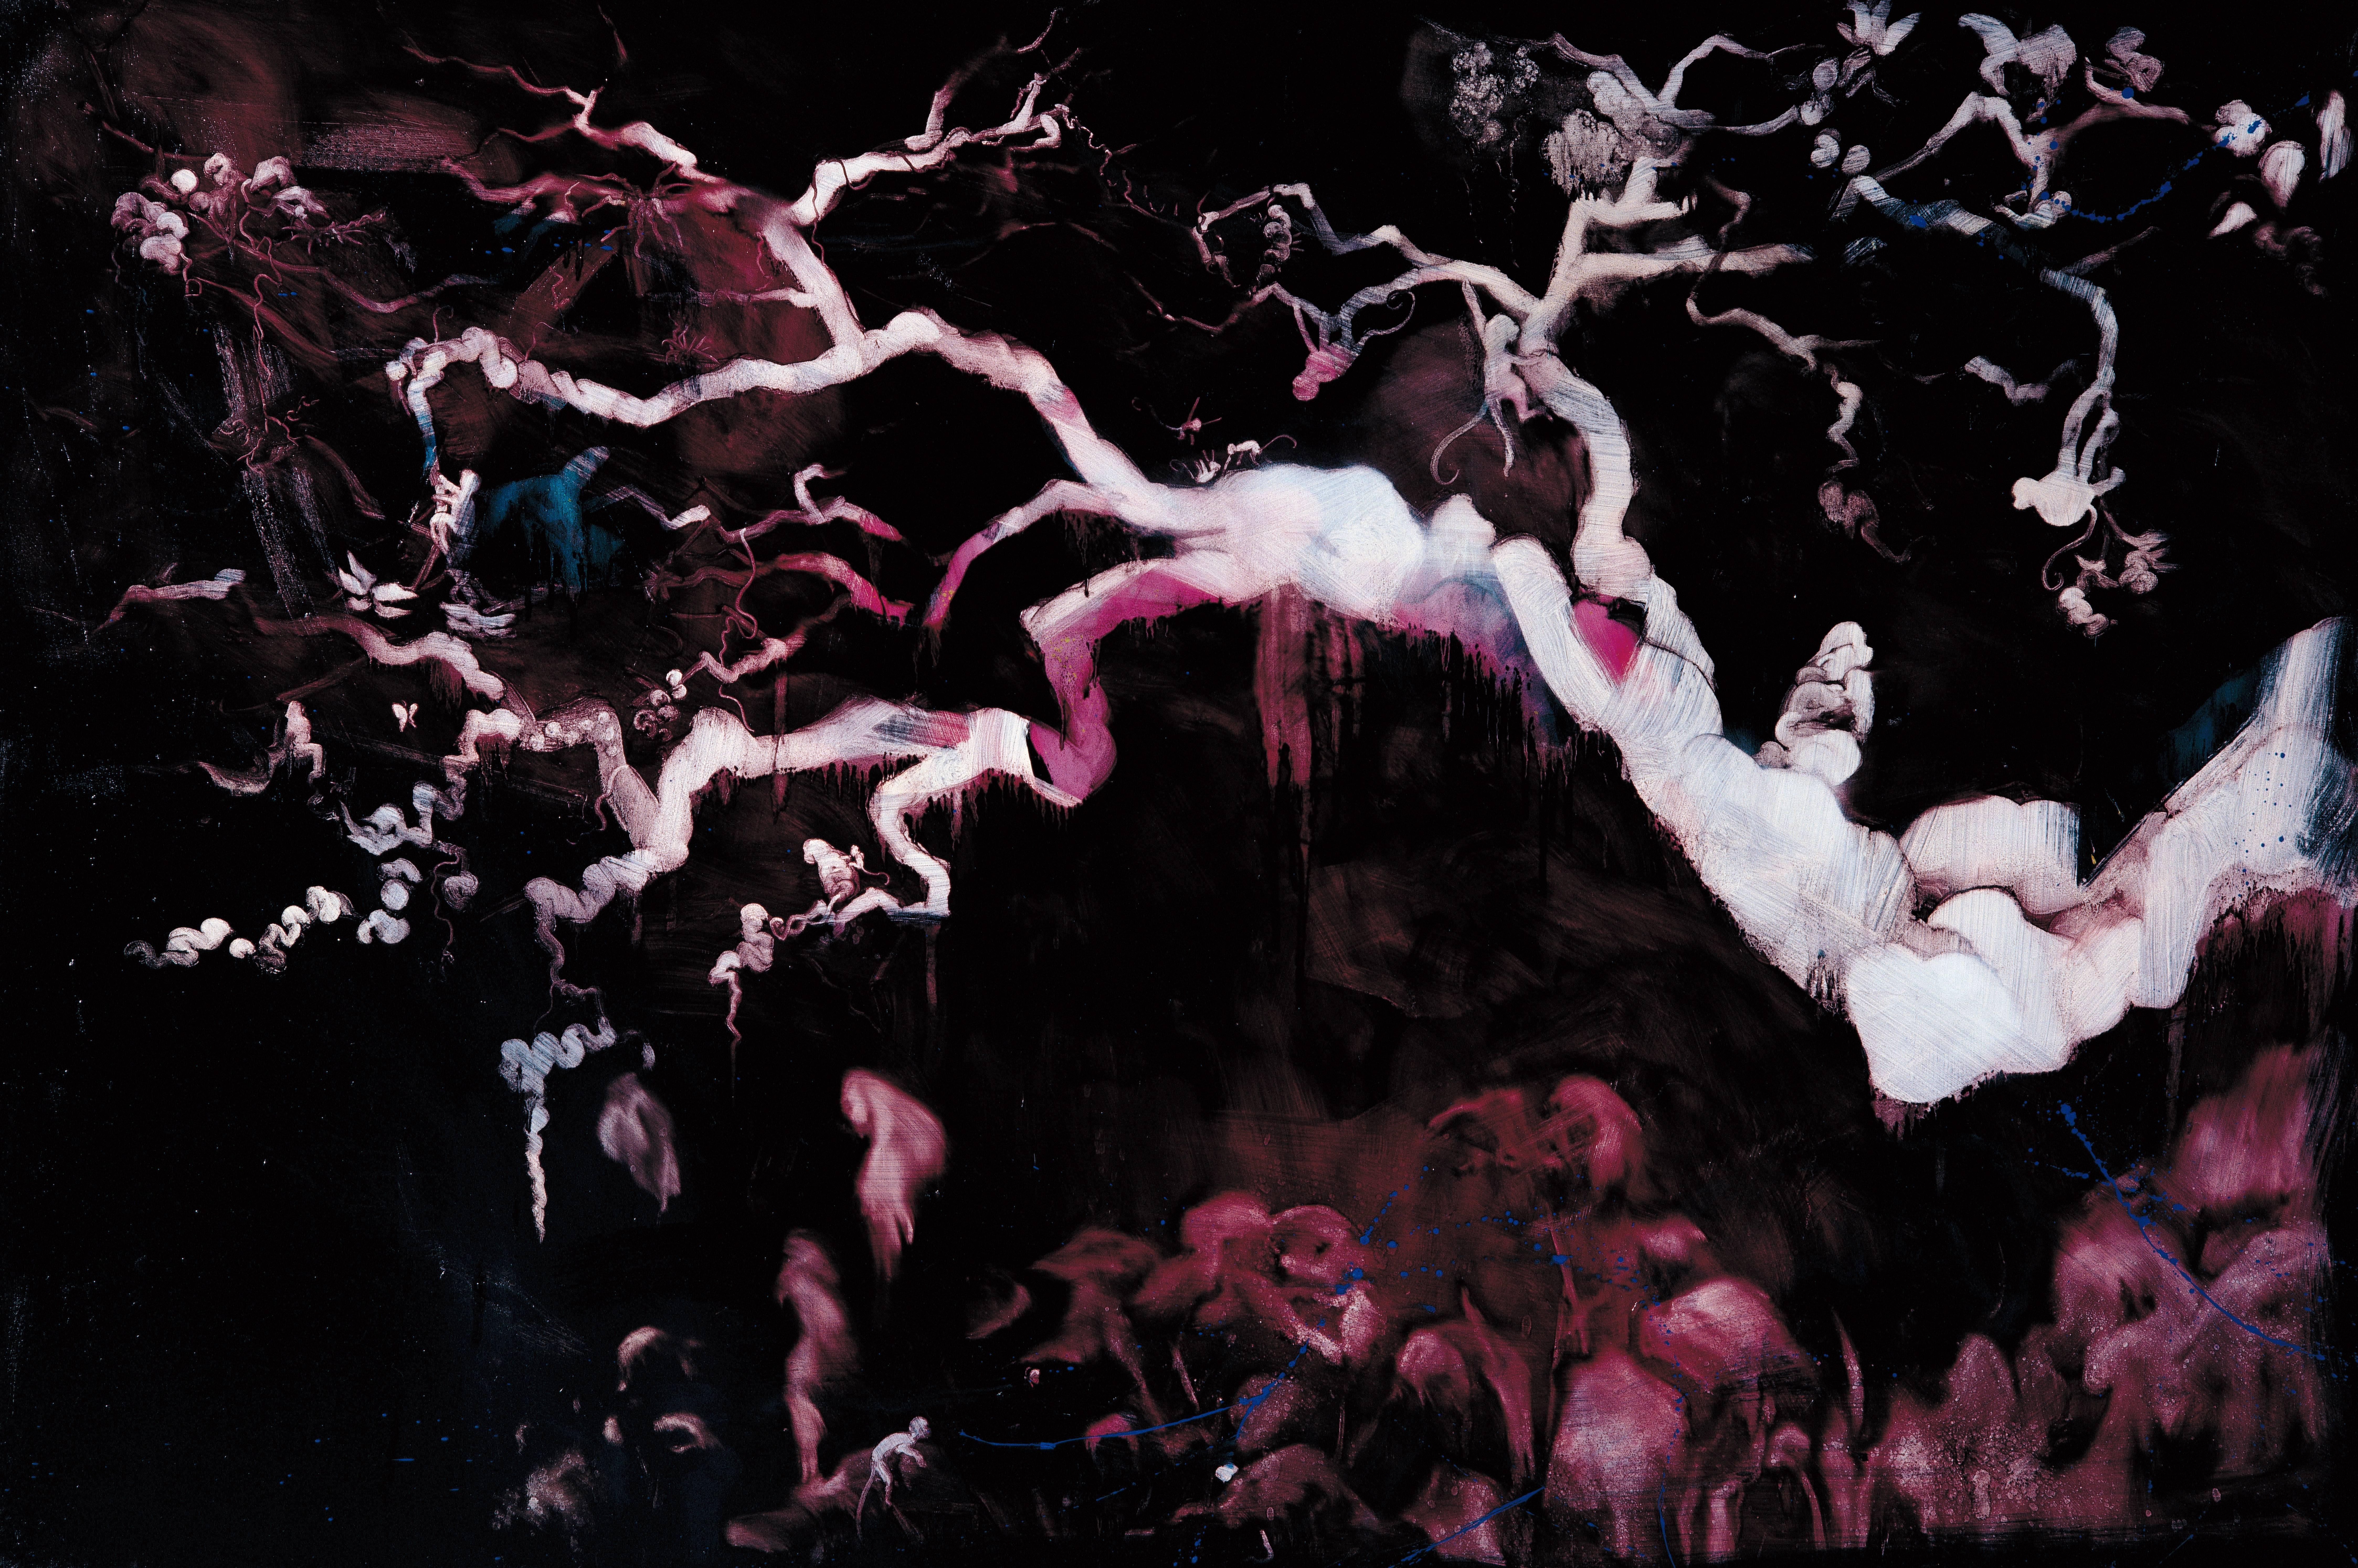 常陵|五花肉系列-肉花鳥-桃林一堣花景圖|2007|油彩|130x194cm